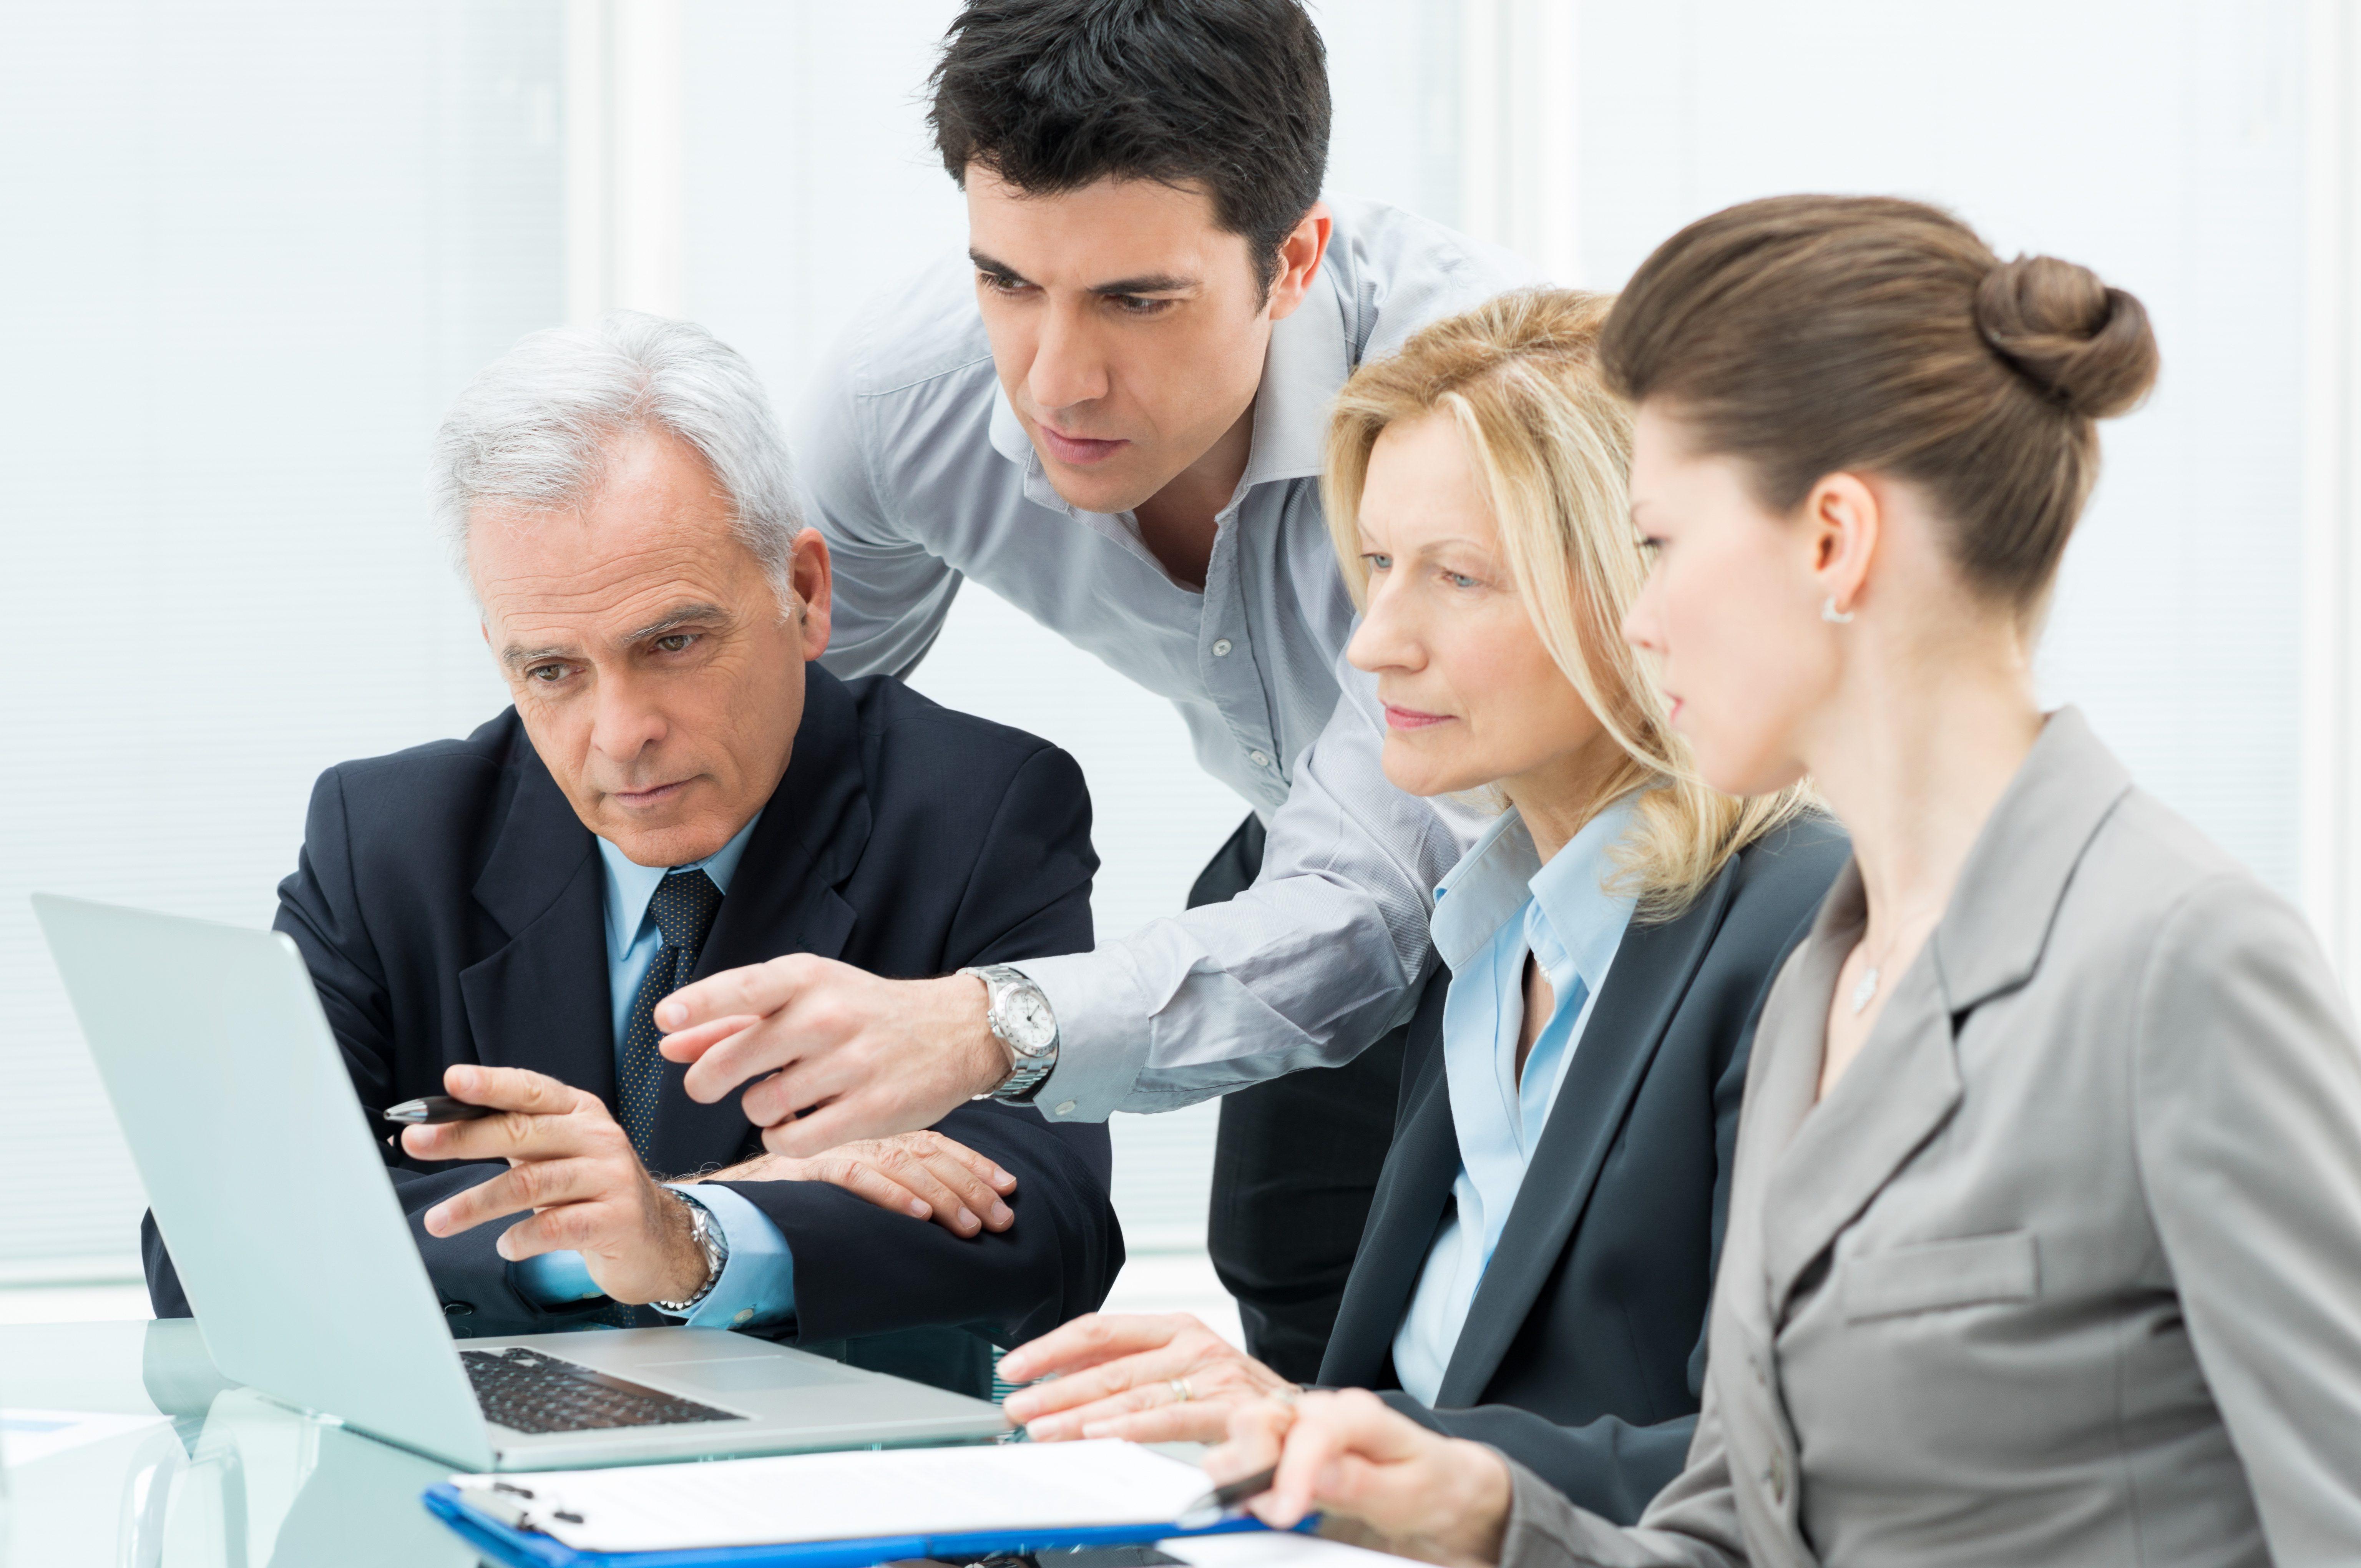 09/02/2017. Curso. Generando la competitividad estratégica: la gestión del valor.